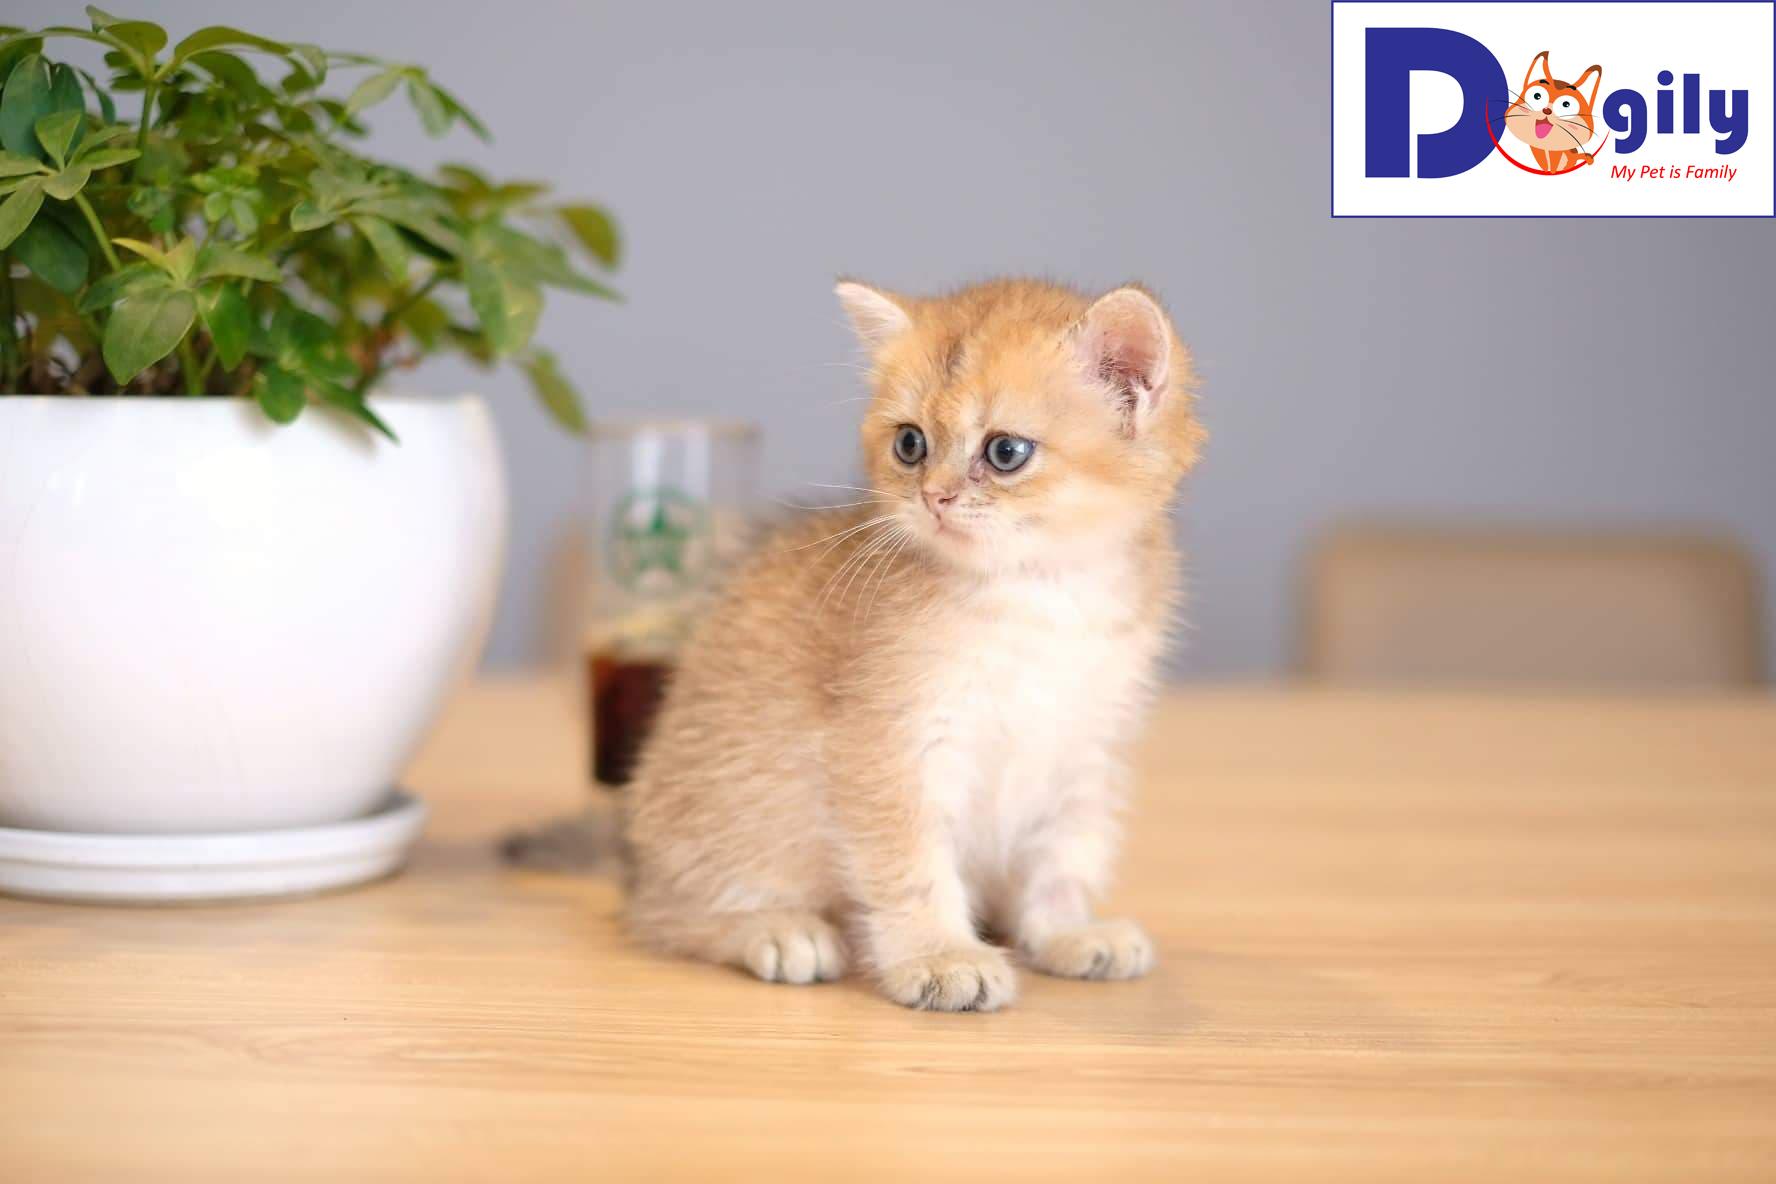 Mèo Anh lông ngắn Golden xinh đẹp 2 tháng tuổi | Dòng mèo cao cấp mở bán tháng 8